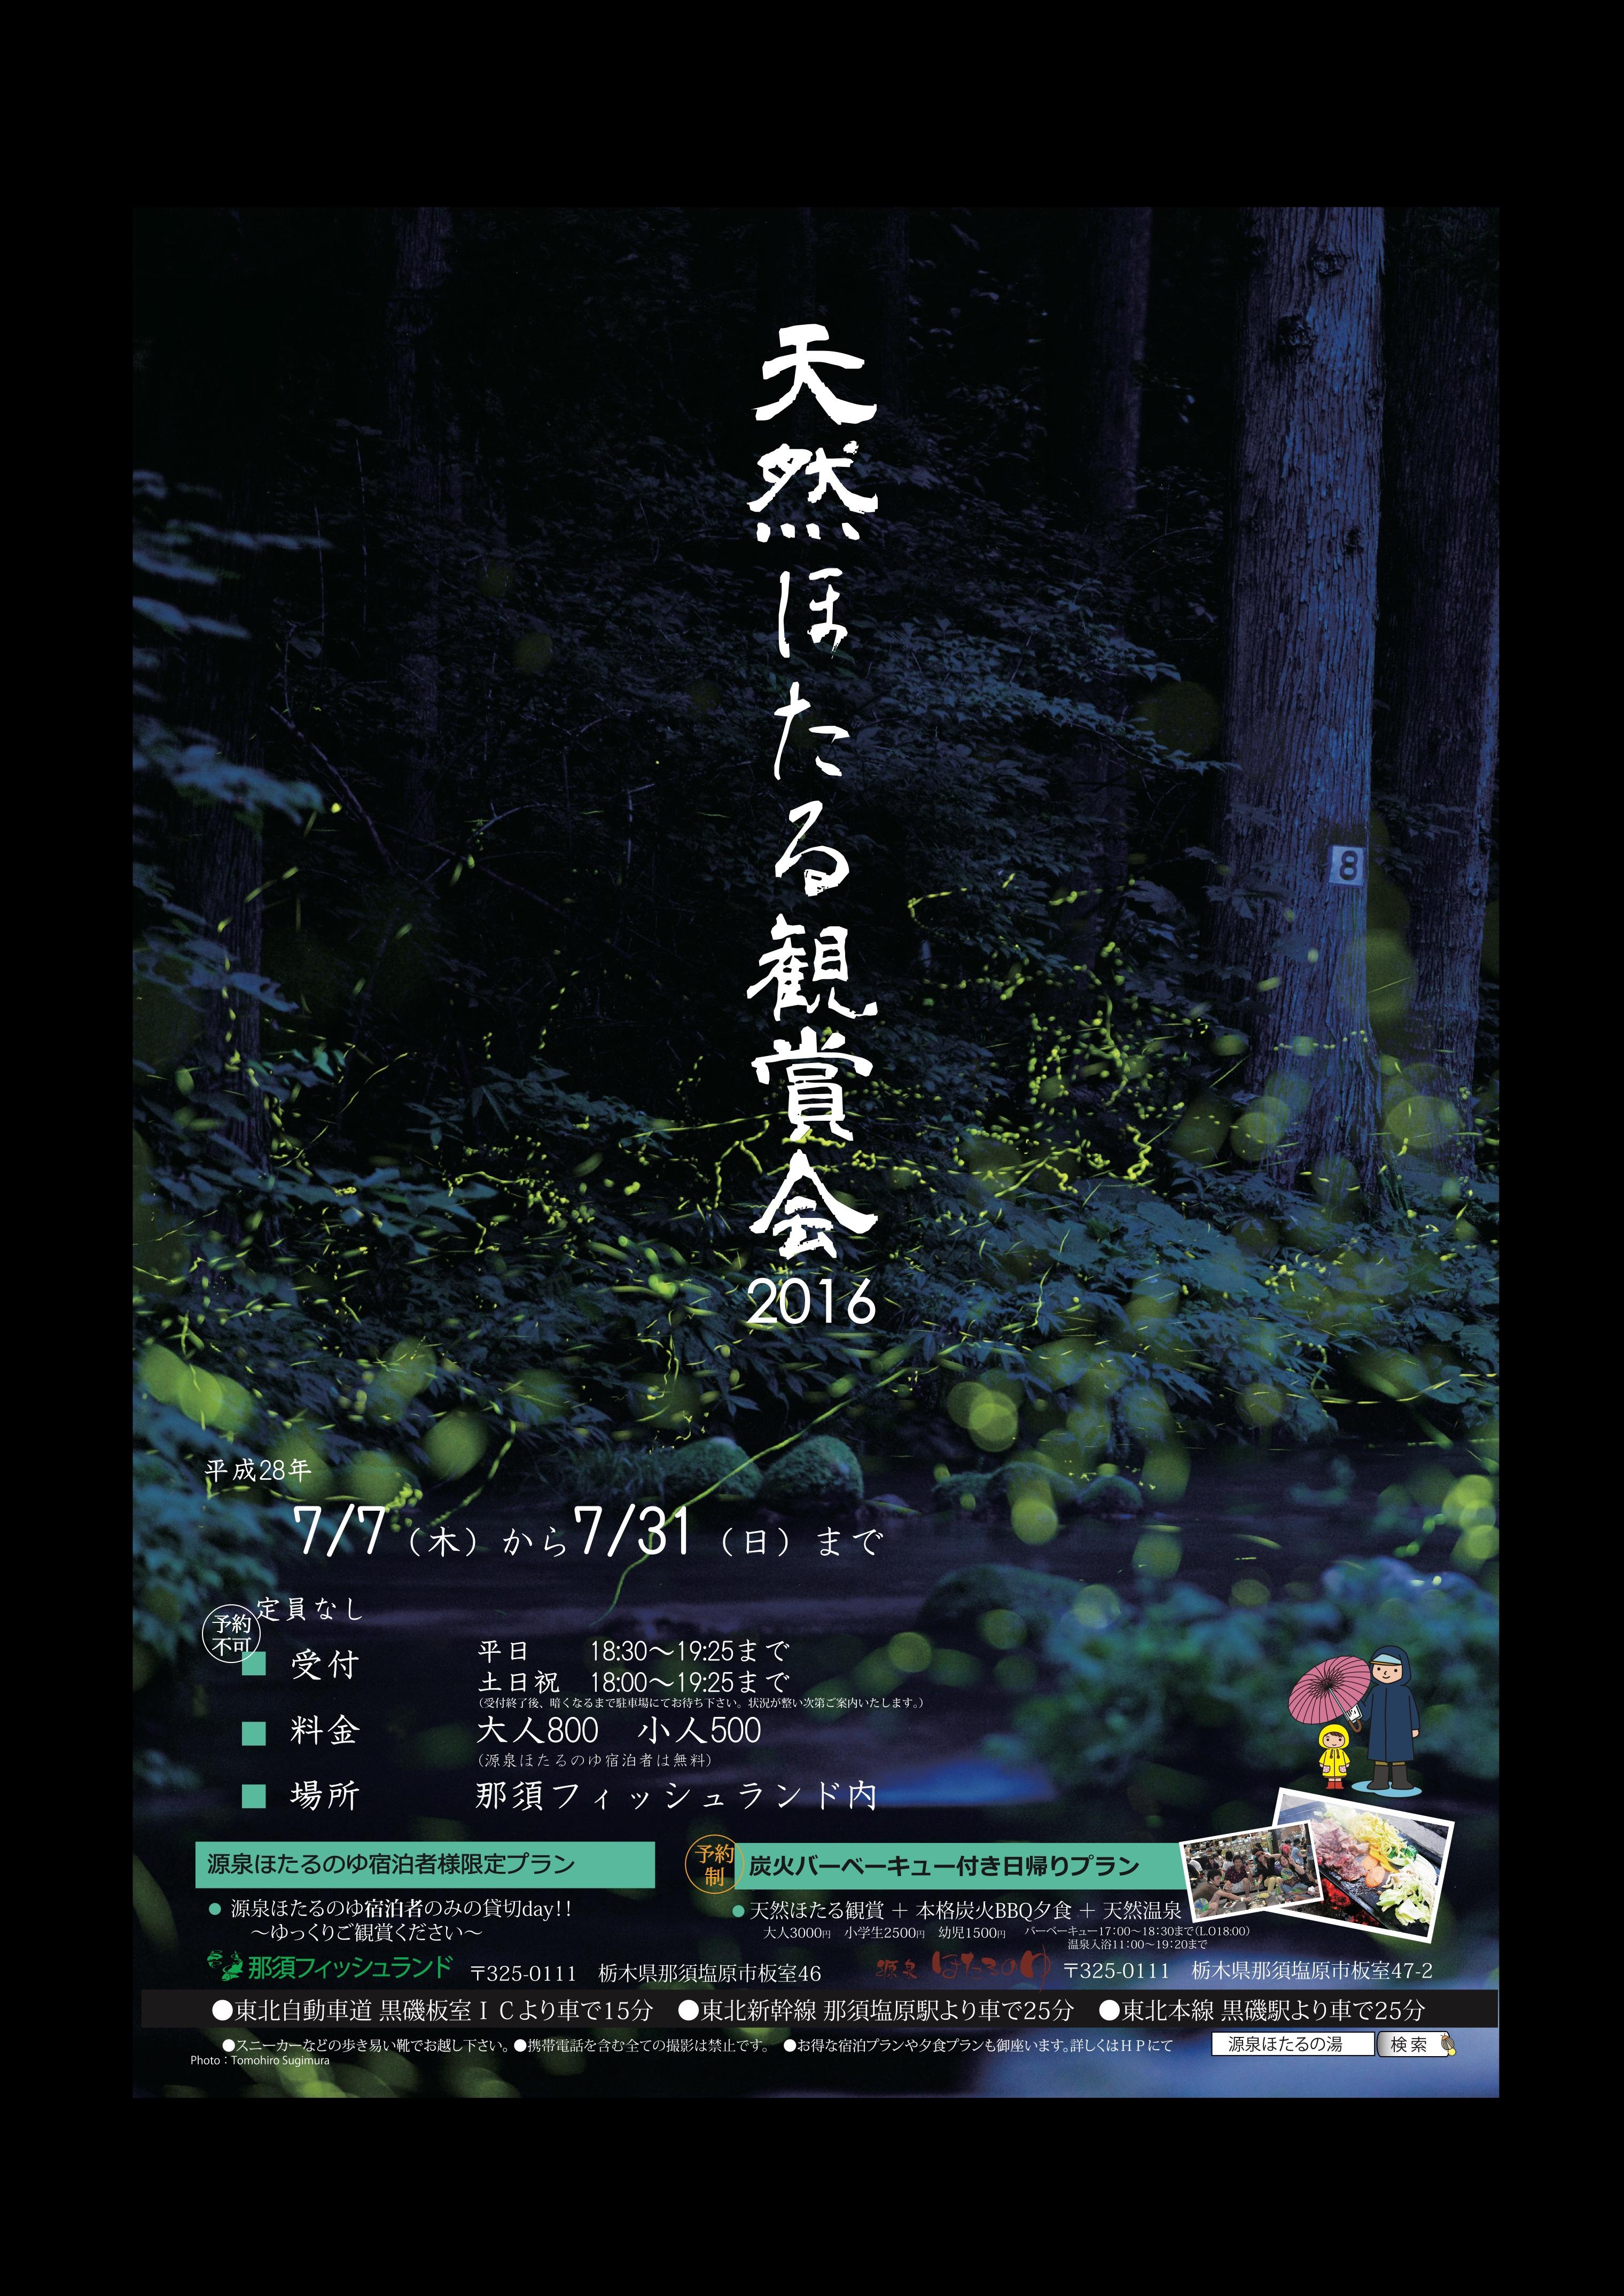 A2たて2016ポスター-2